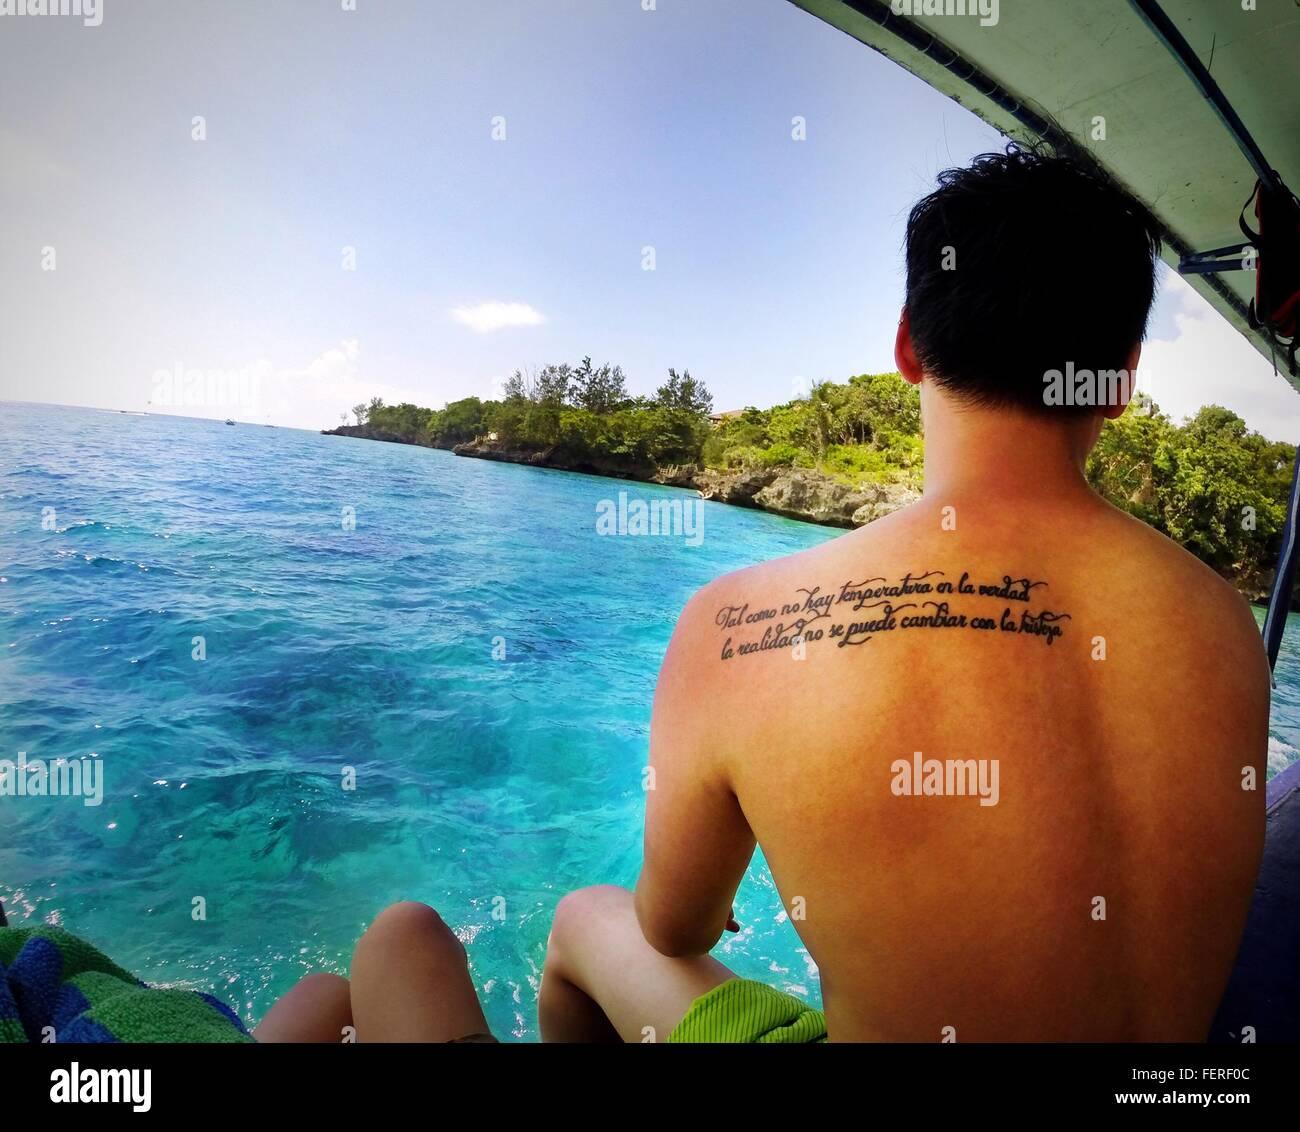 Vista trasera de descamisados Hombre con tatuaje en la espalda en el mar Imagen De Stock